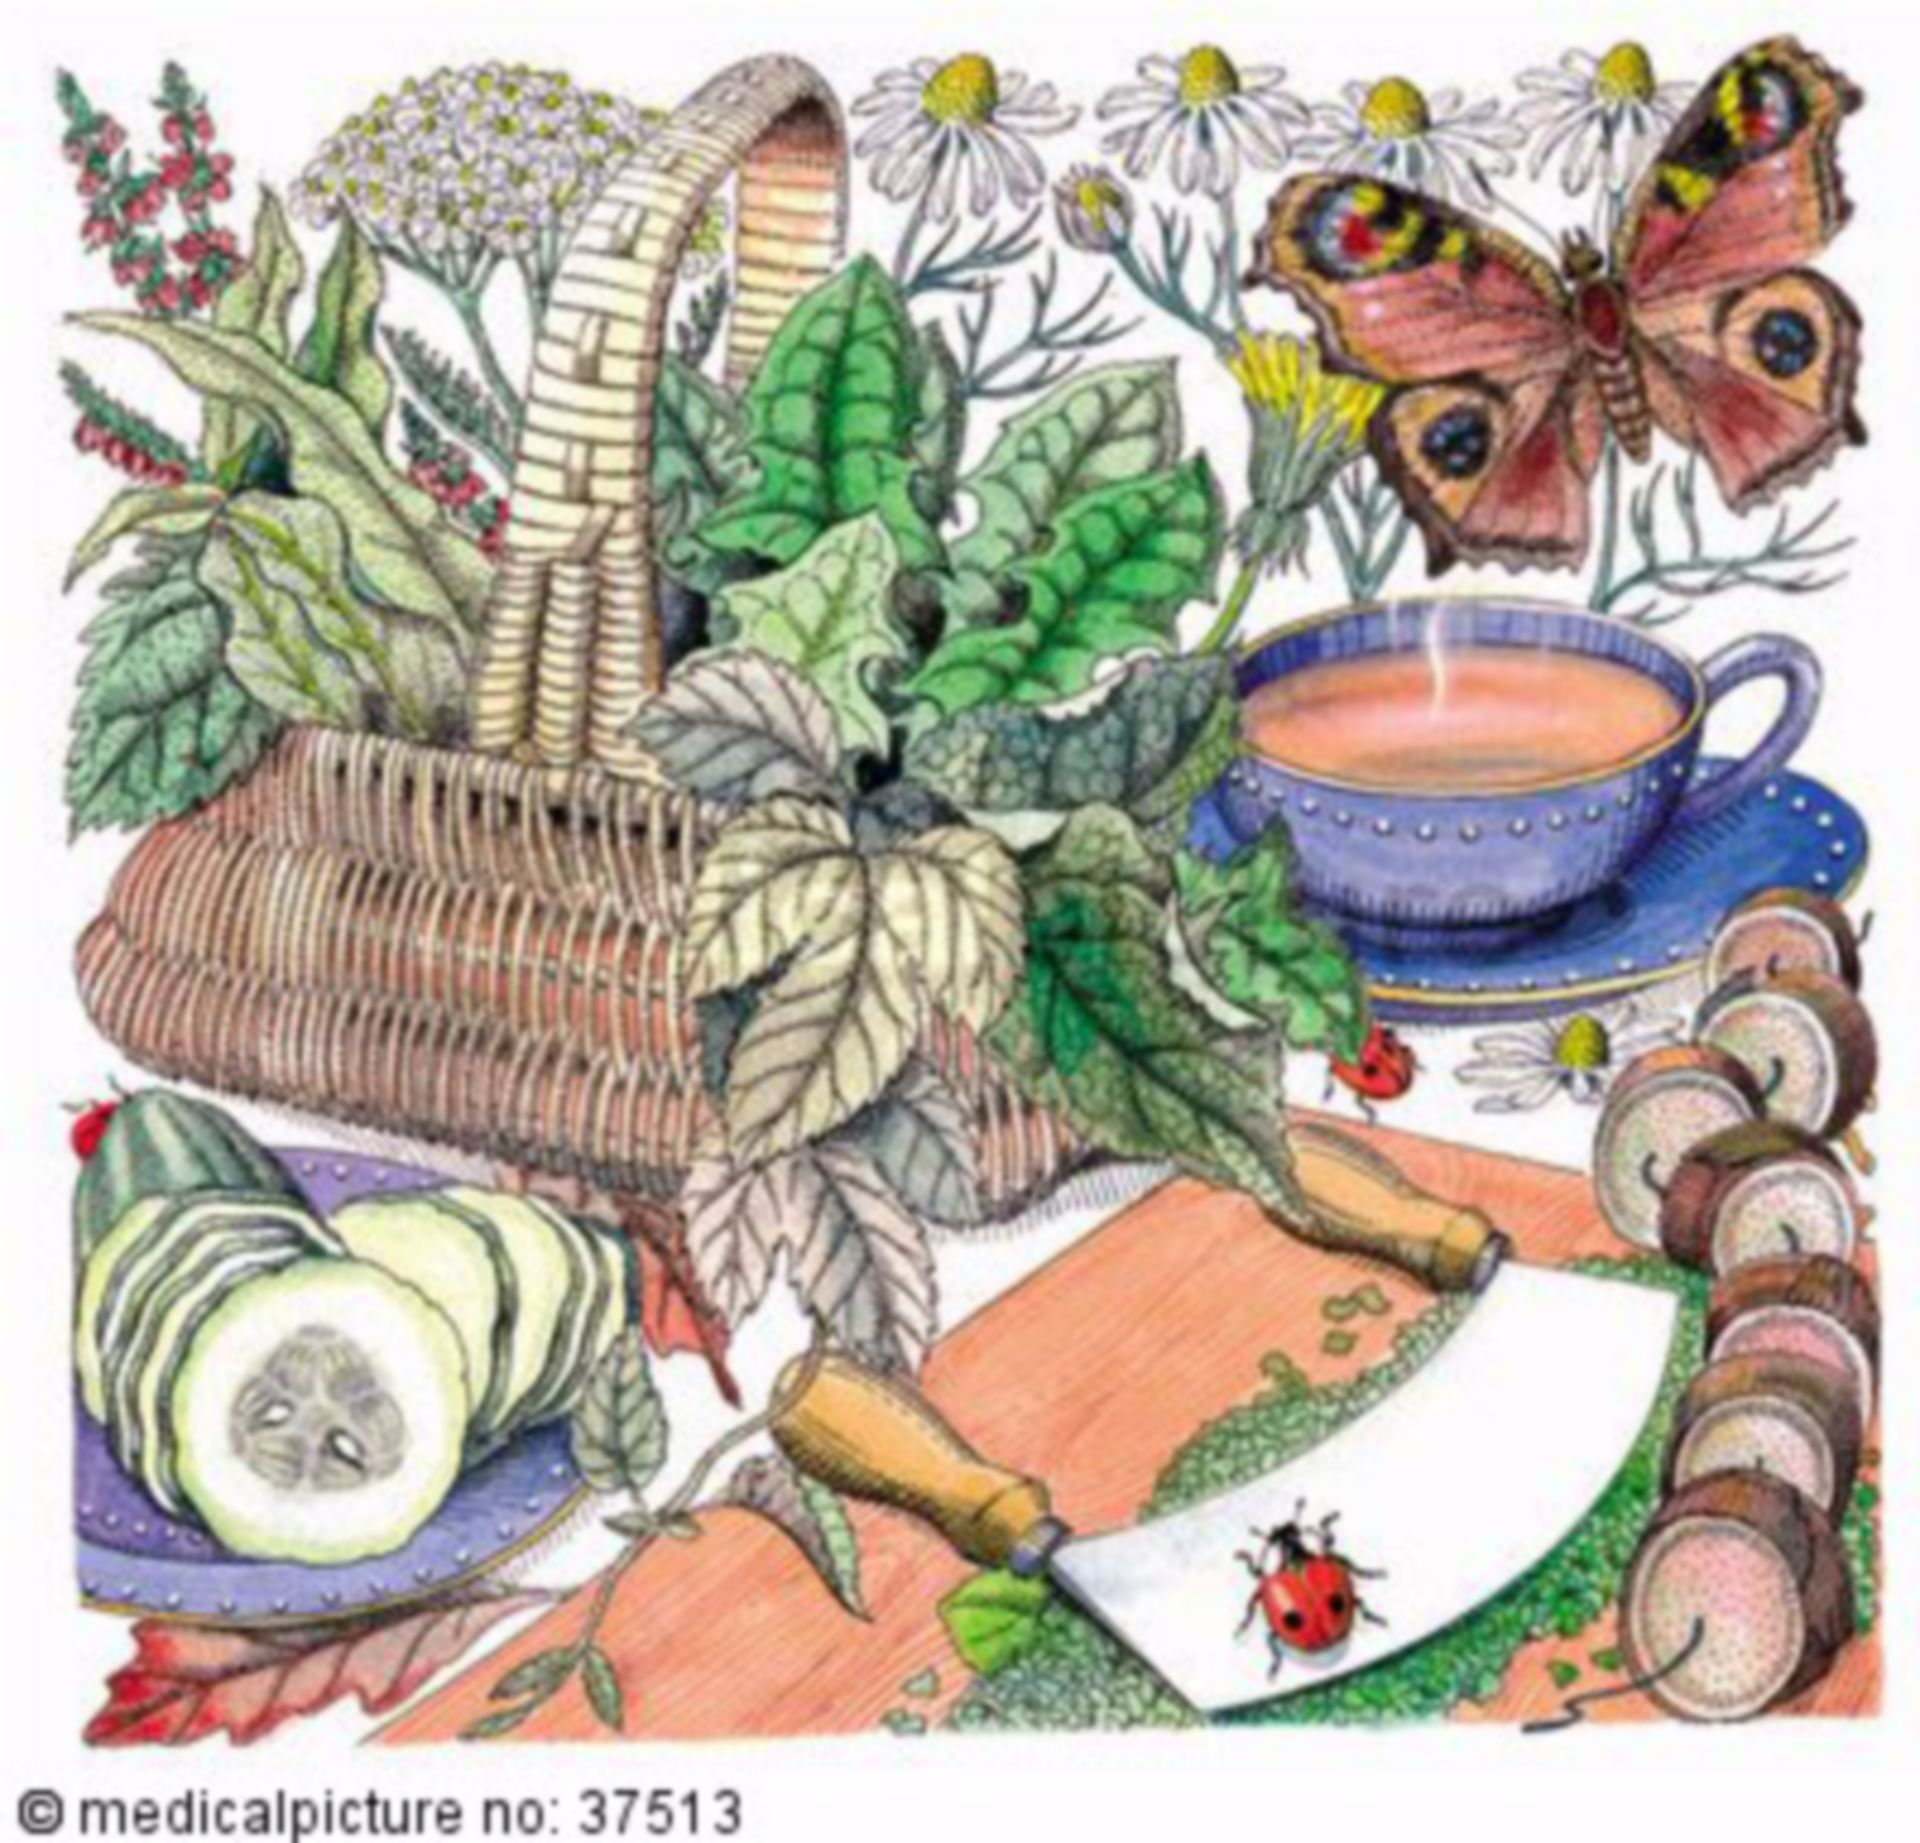 Kräuter, Pilze und Beeren